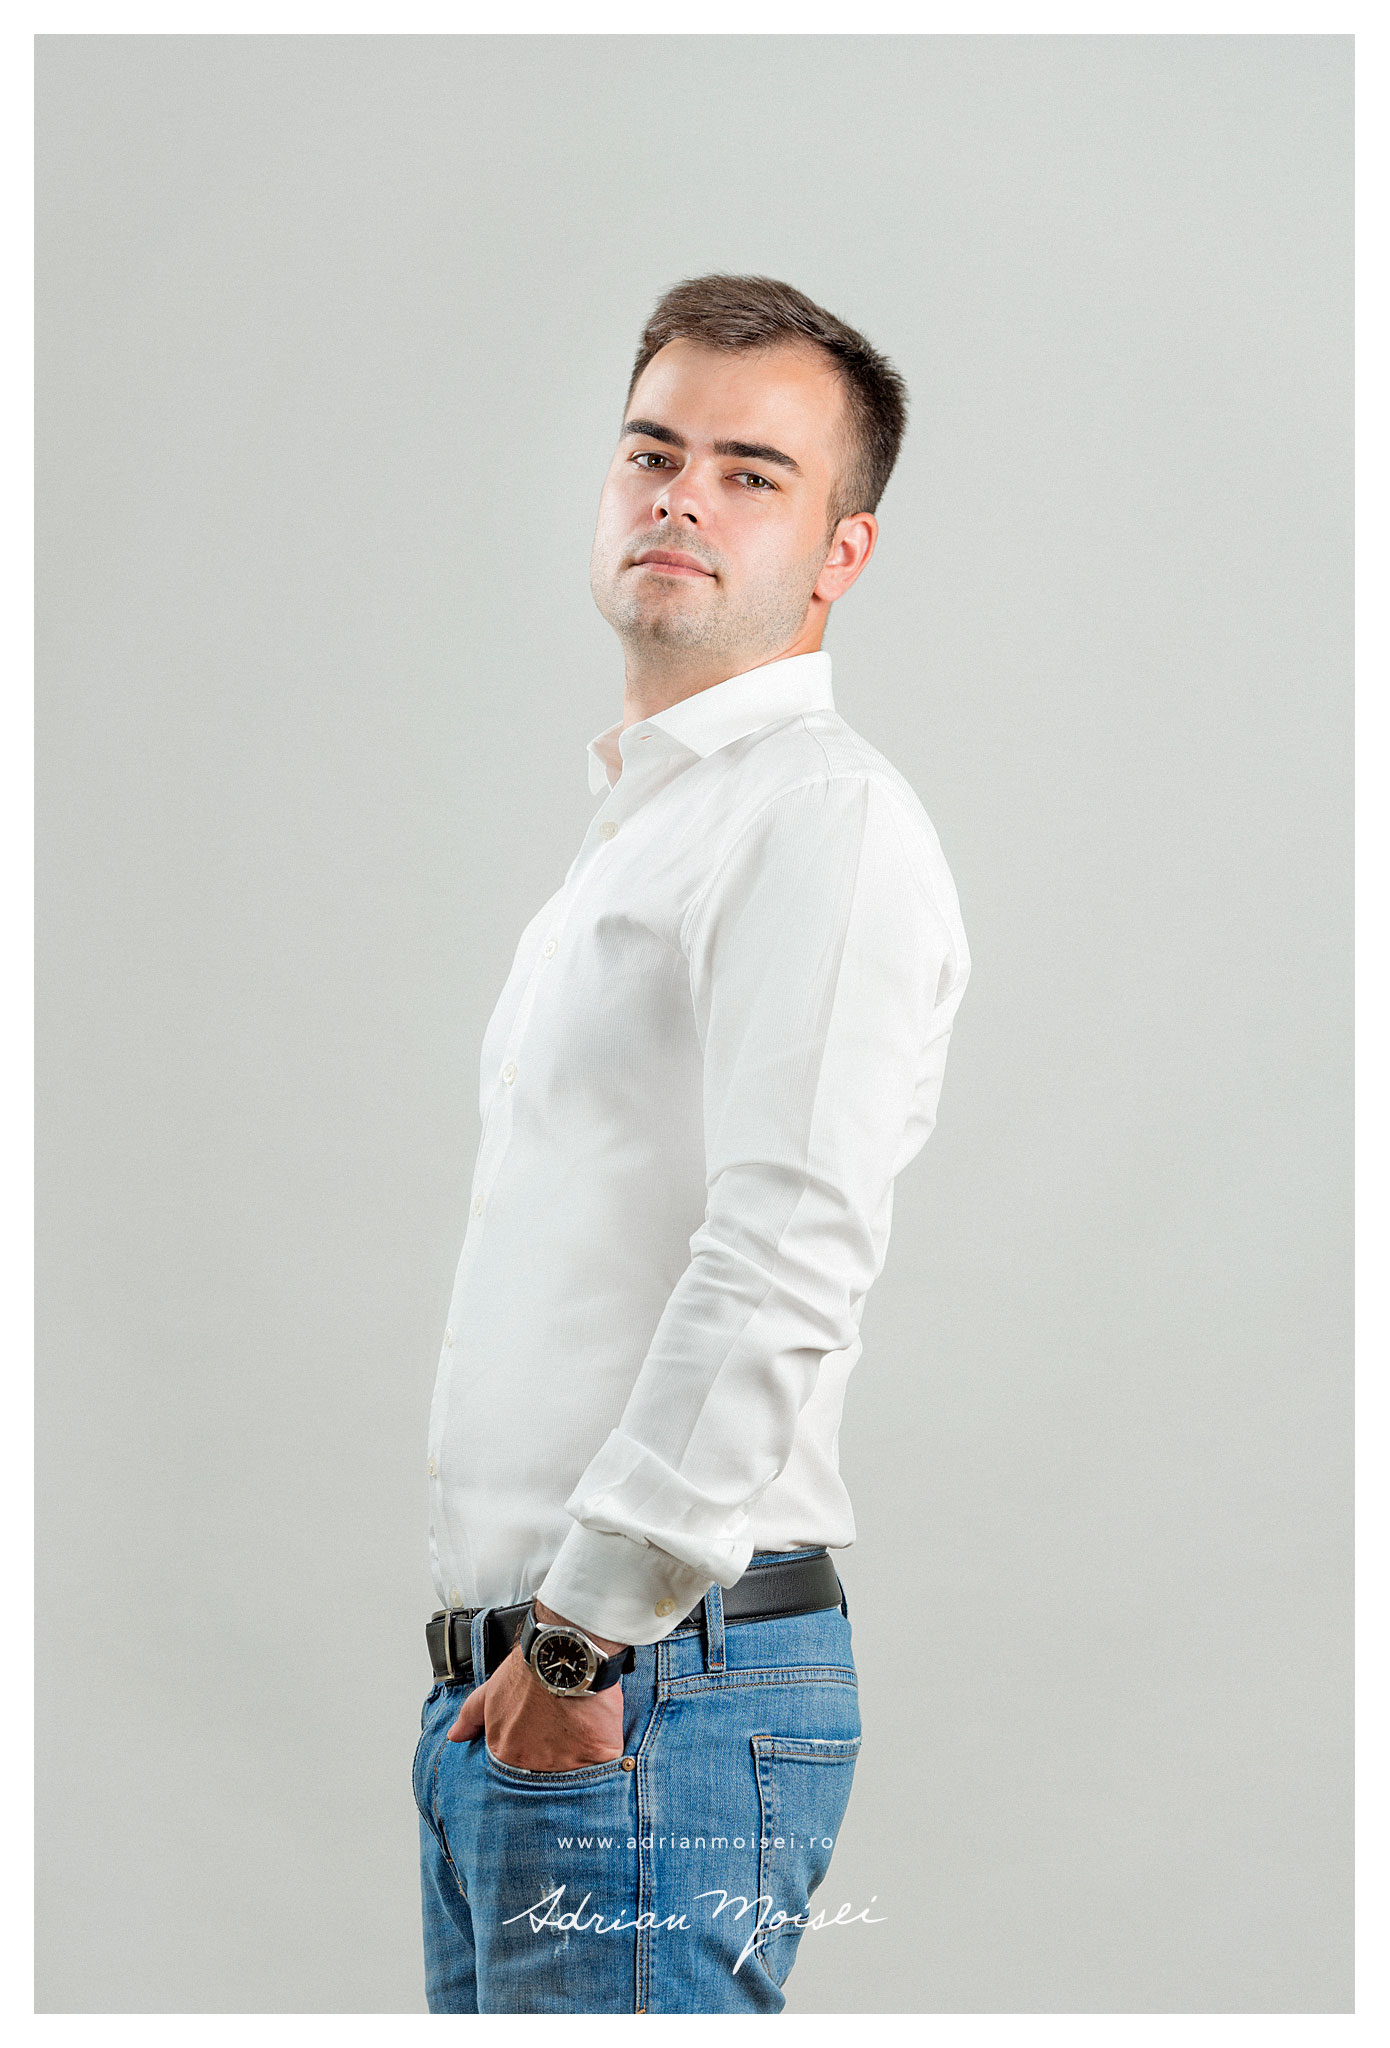 Corporate headshots & portraits in Iasi, studio foto Adrian Moisei